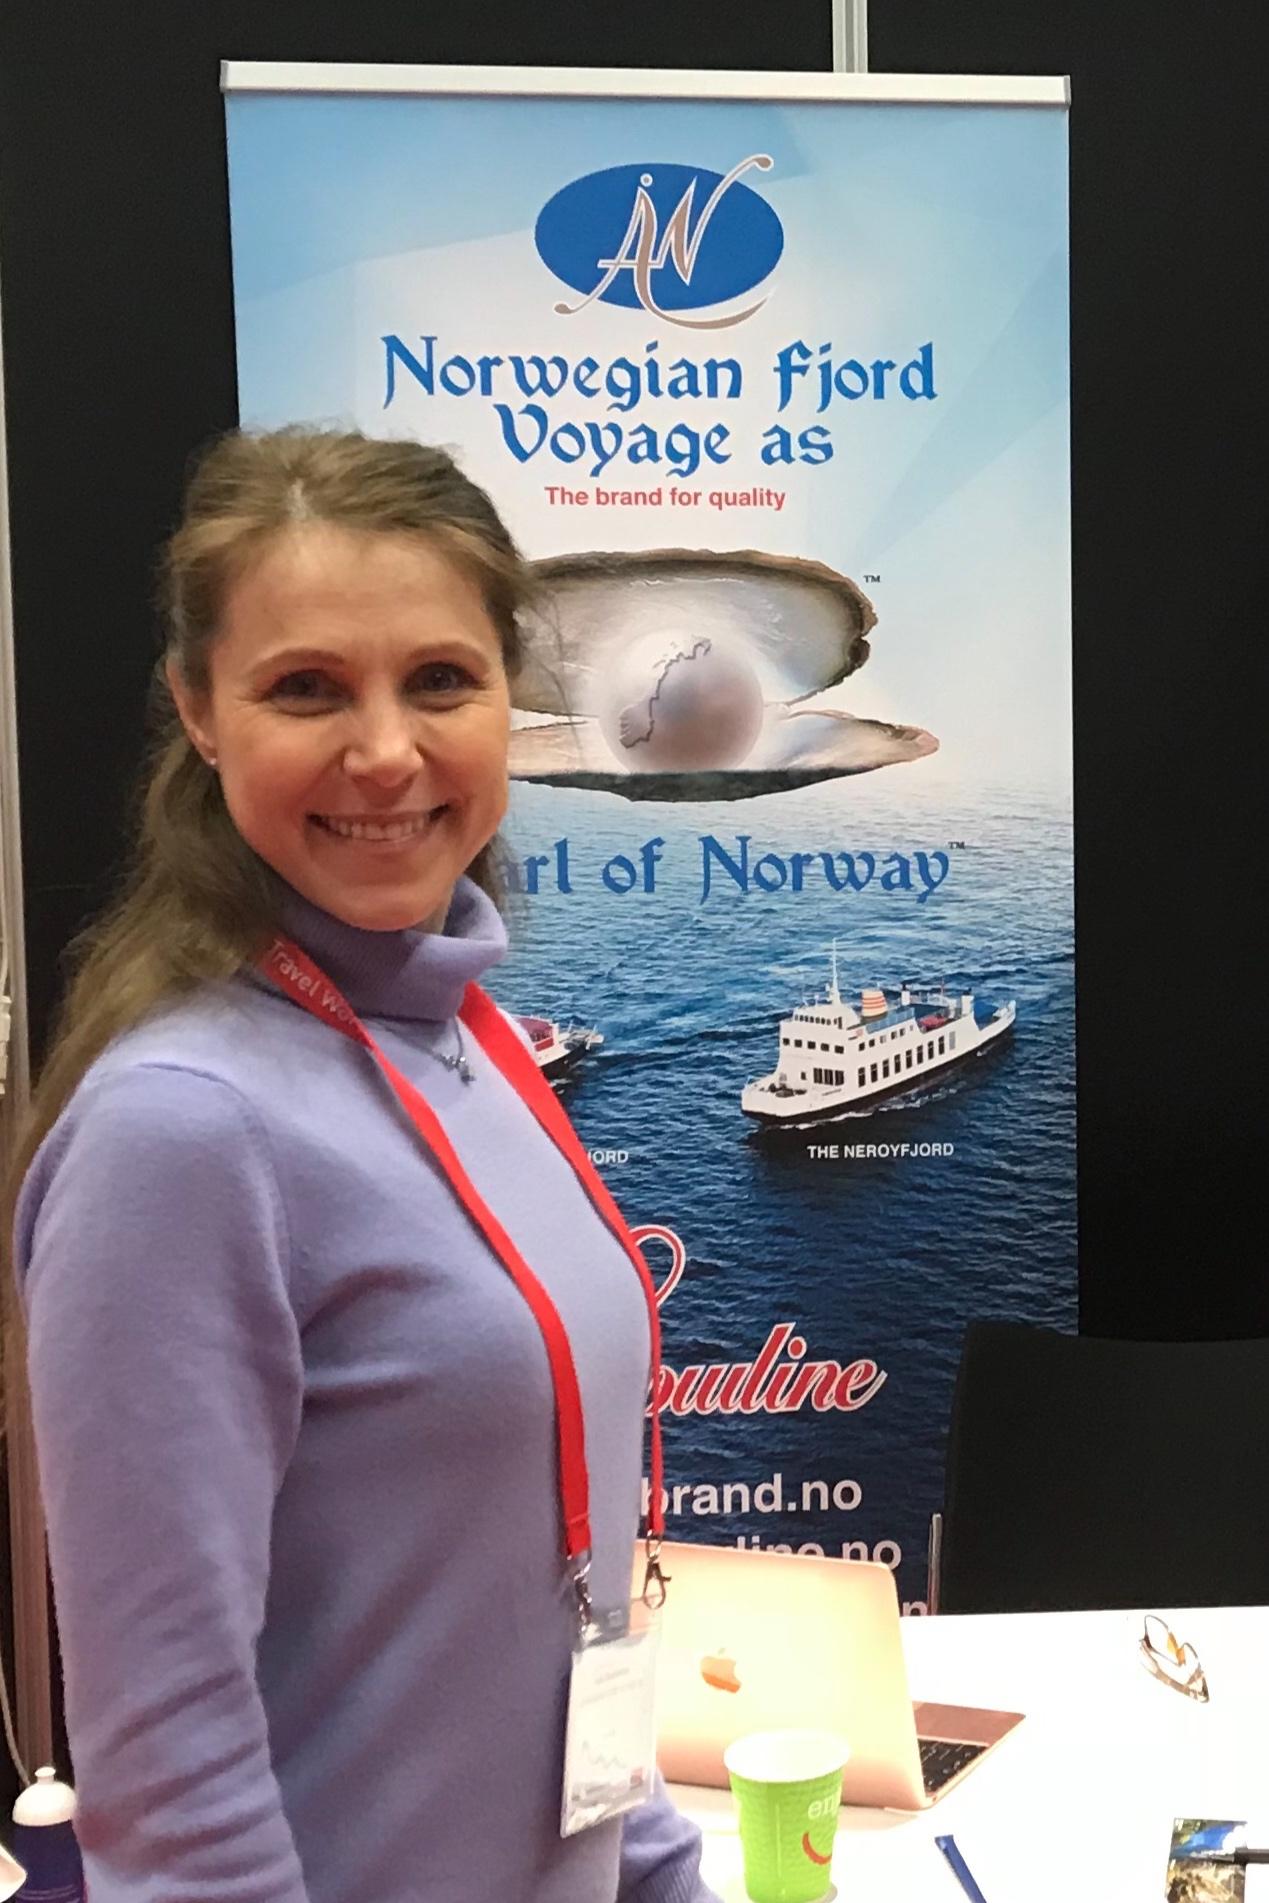 yulia otradinskaya - Sales Manager